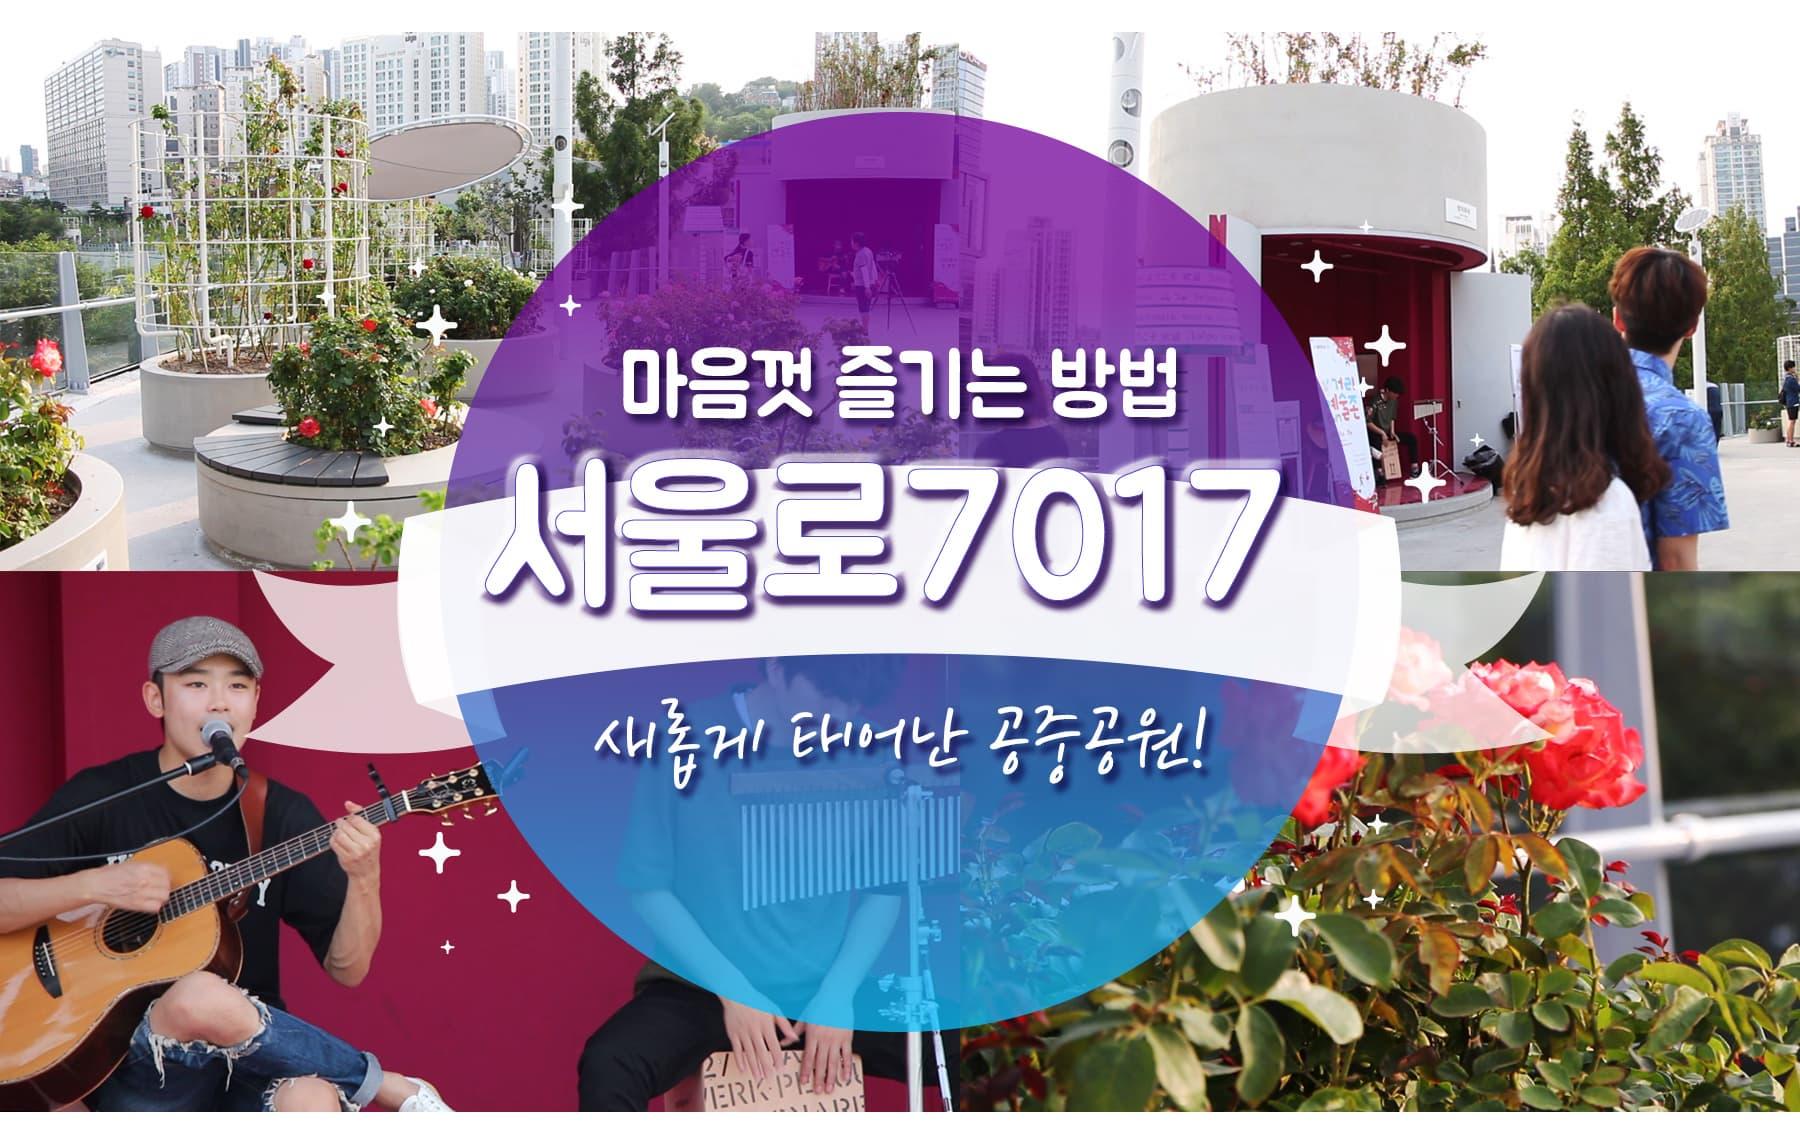 서울로7017 마음껏 즐기기